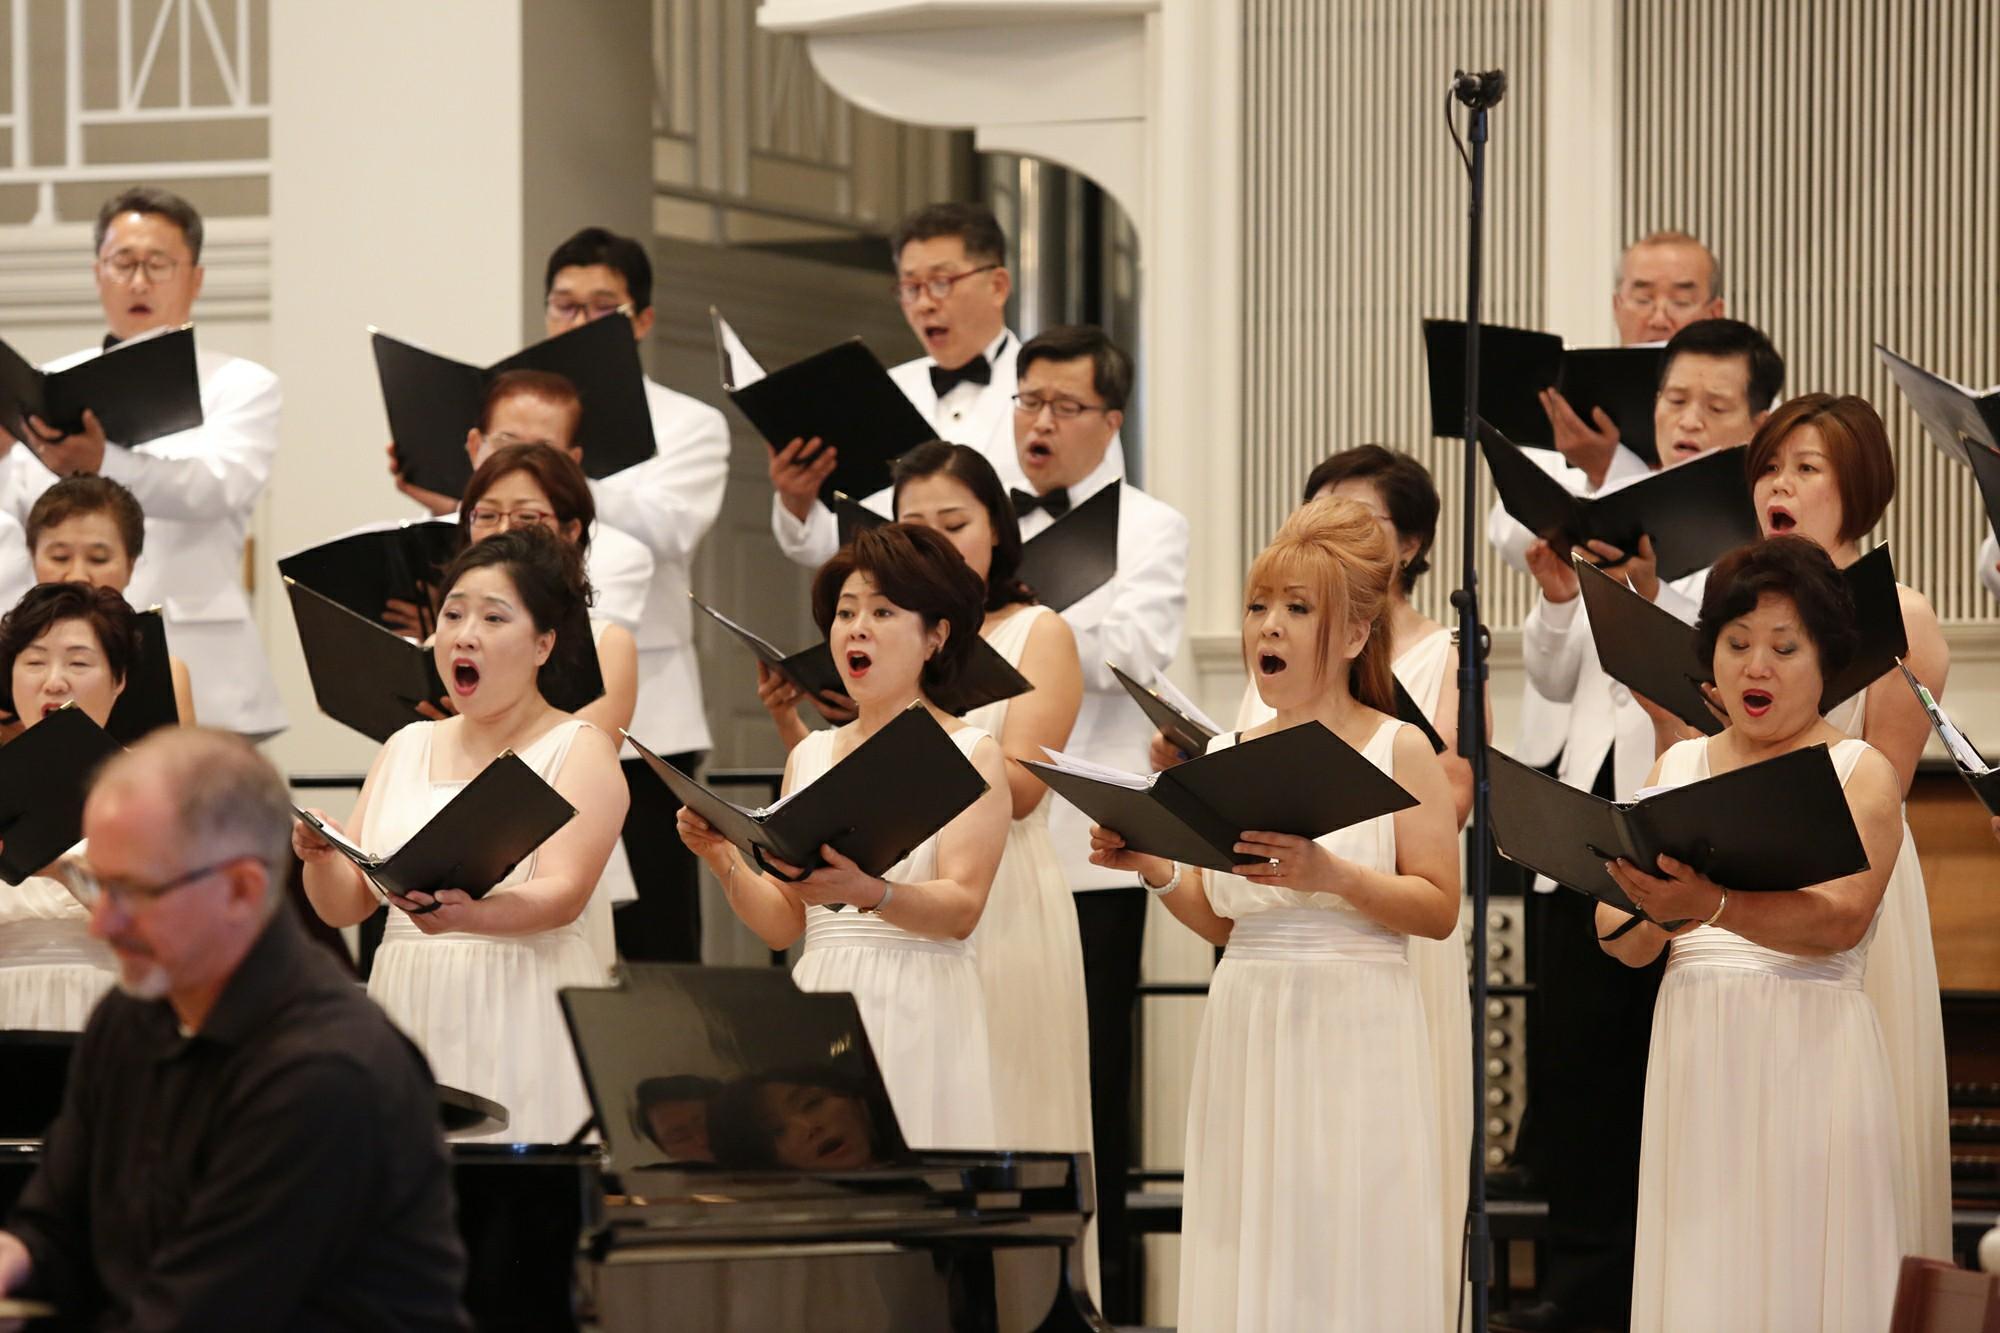 한국의 혼 연주회 단원 사진2.jpg